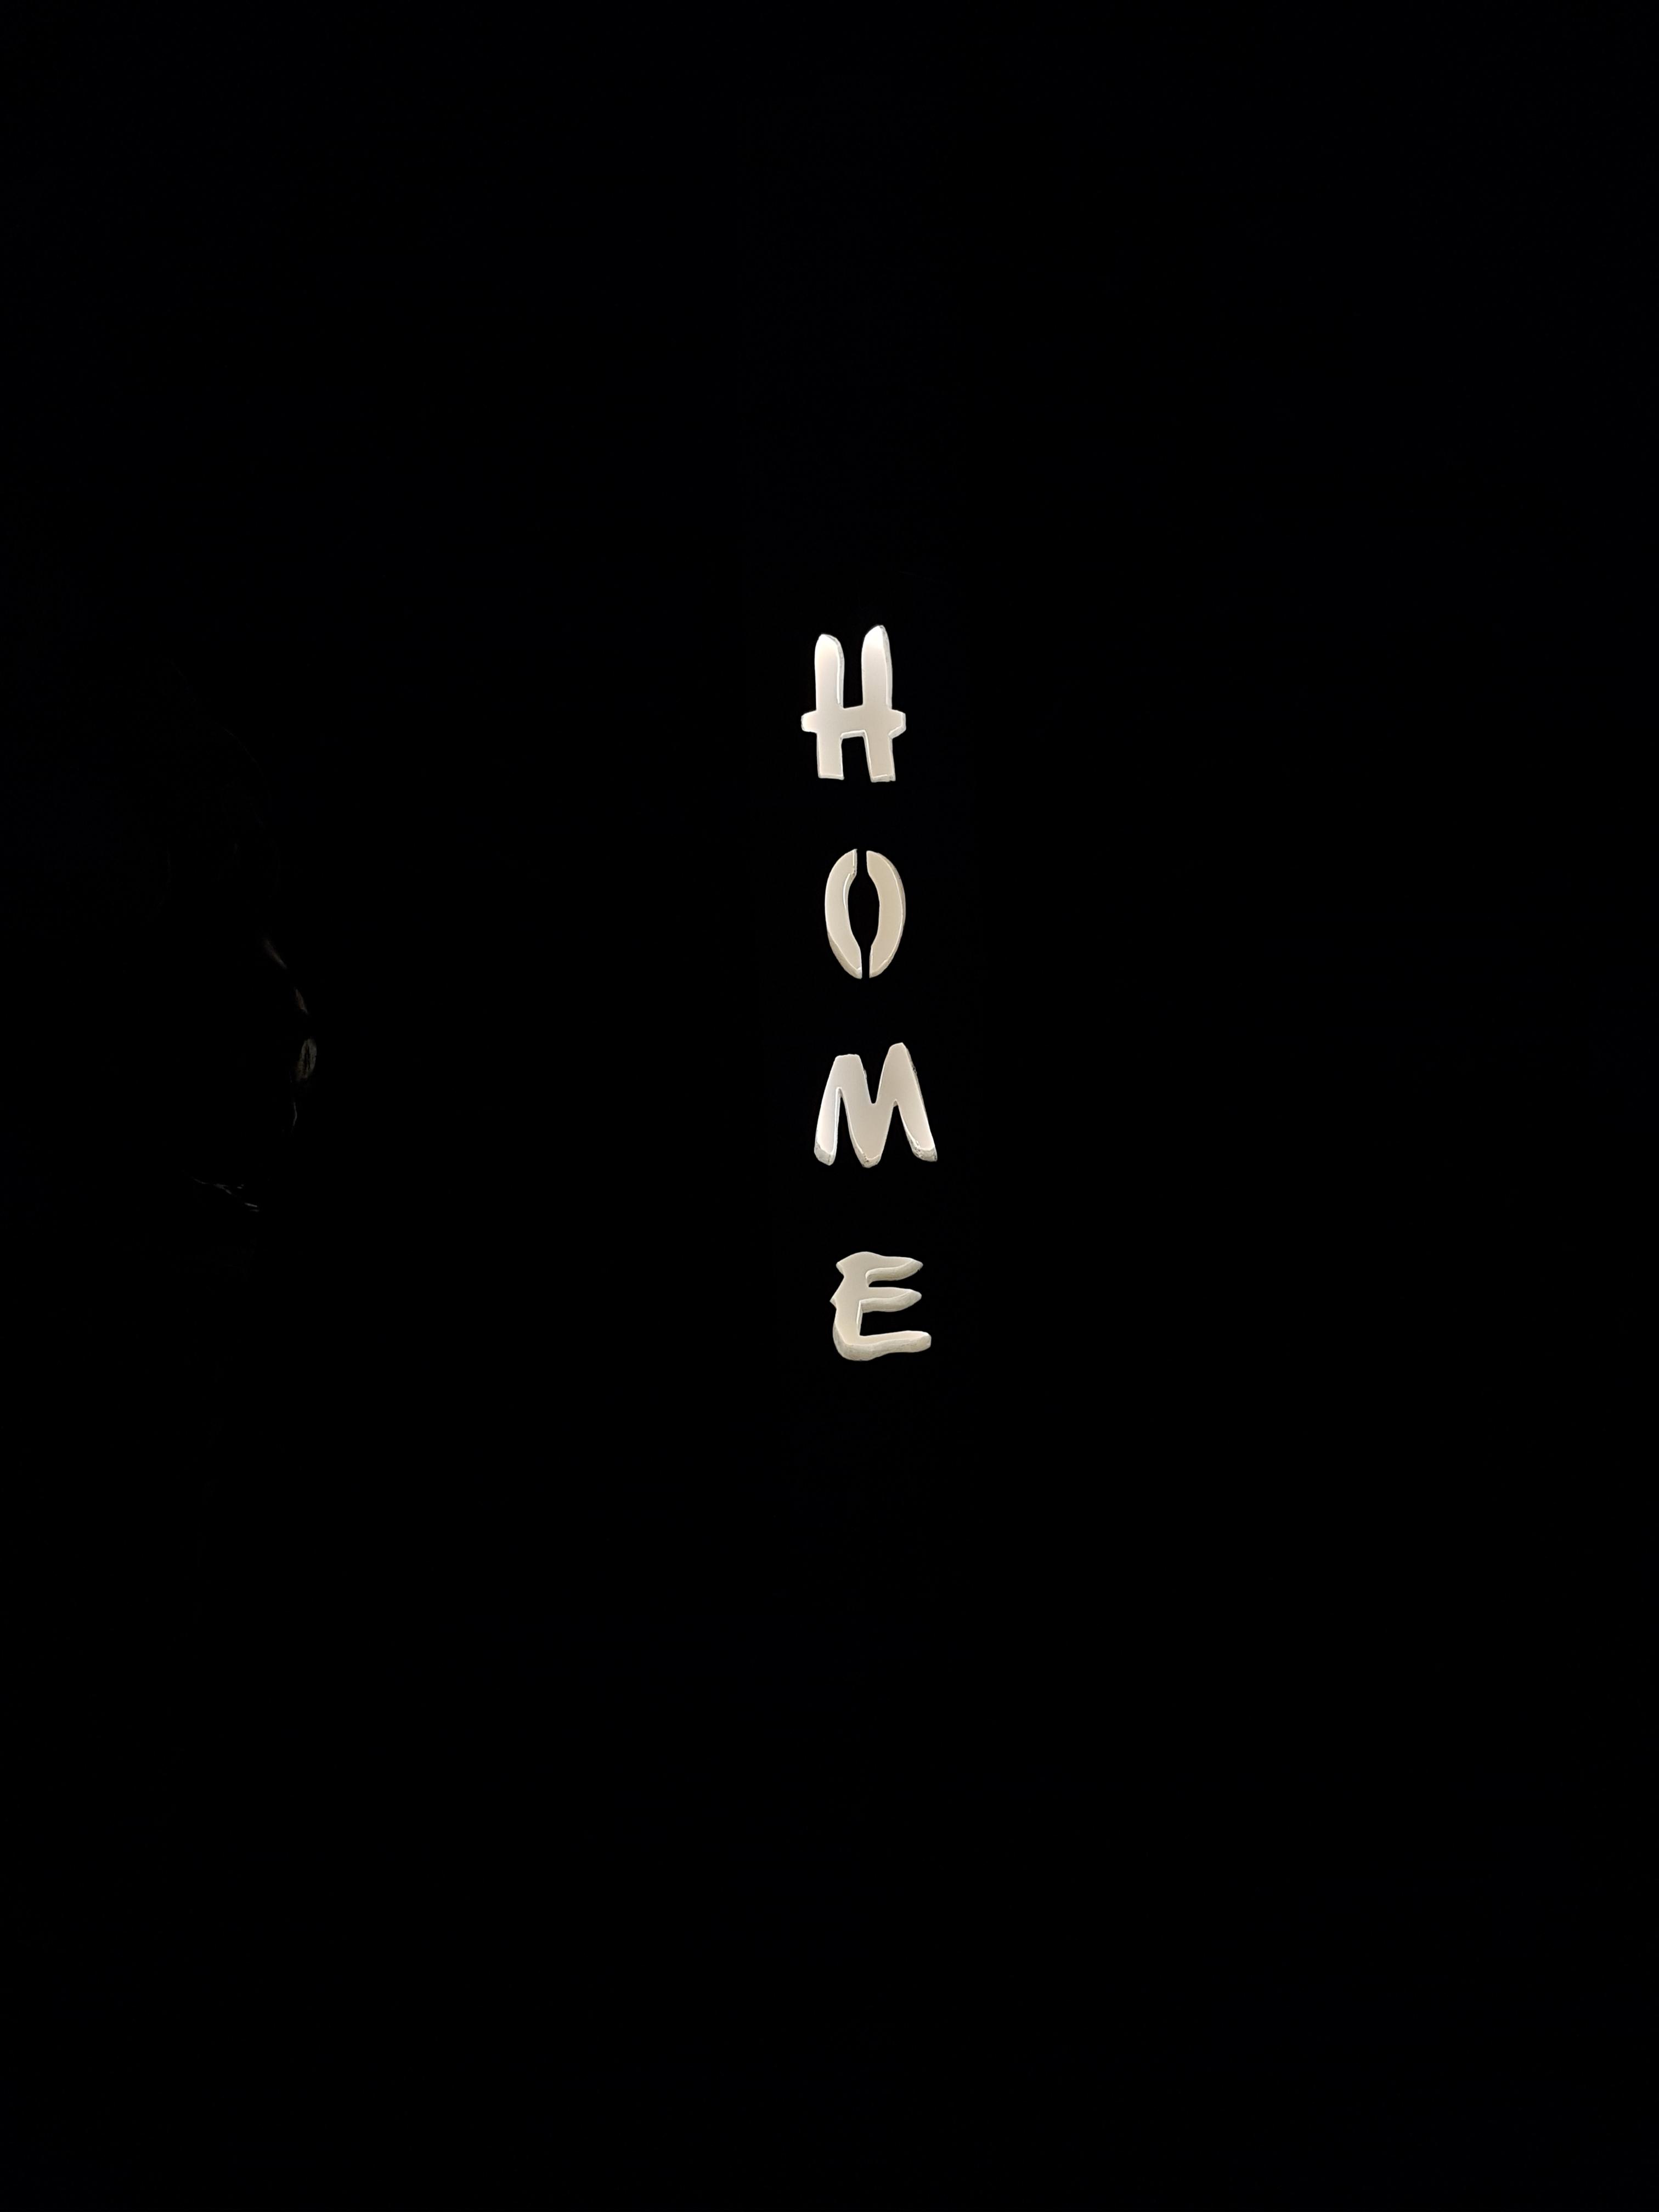 Türschild mit Beleuchtung (Nacht)